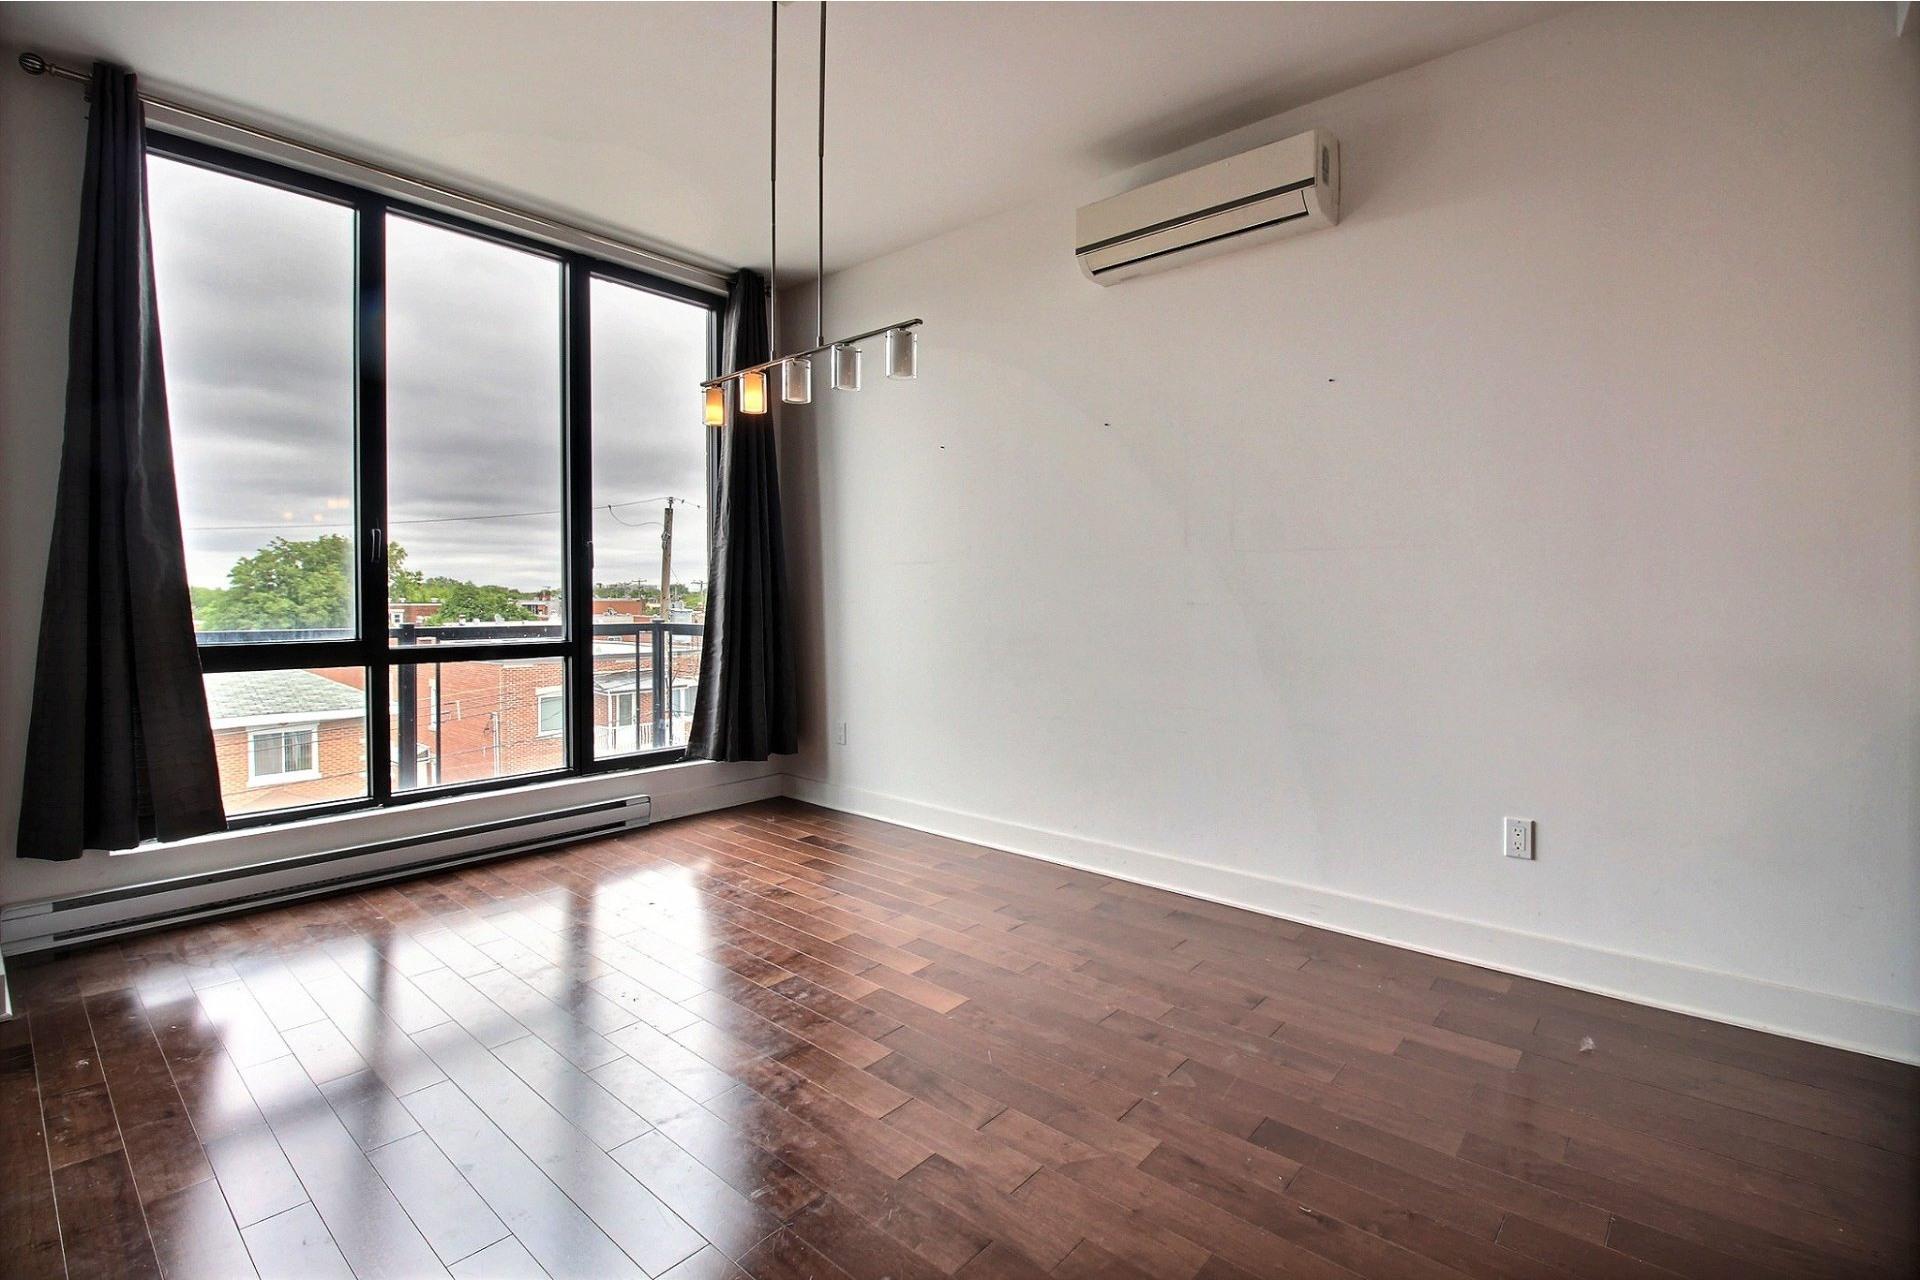 image 4 - Appartement À louer Montréal Villeray/Saint-Michel/Parc-Extension  - 6 pièces